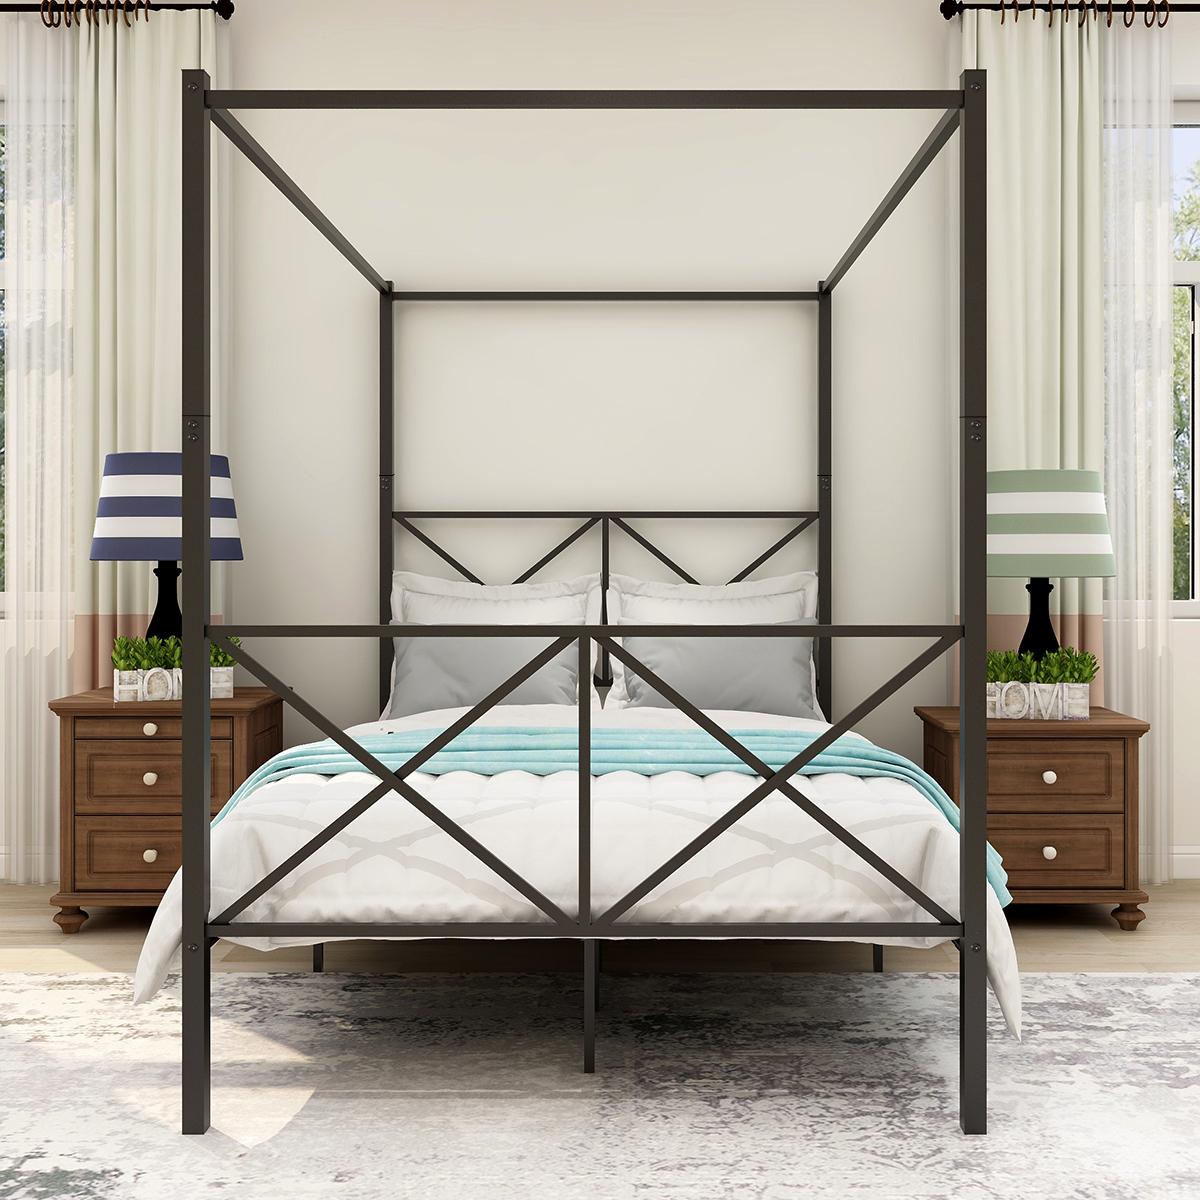 蚊帐床架 全尺寸 现代风格 黑色